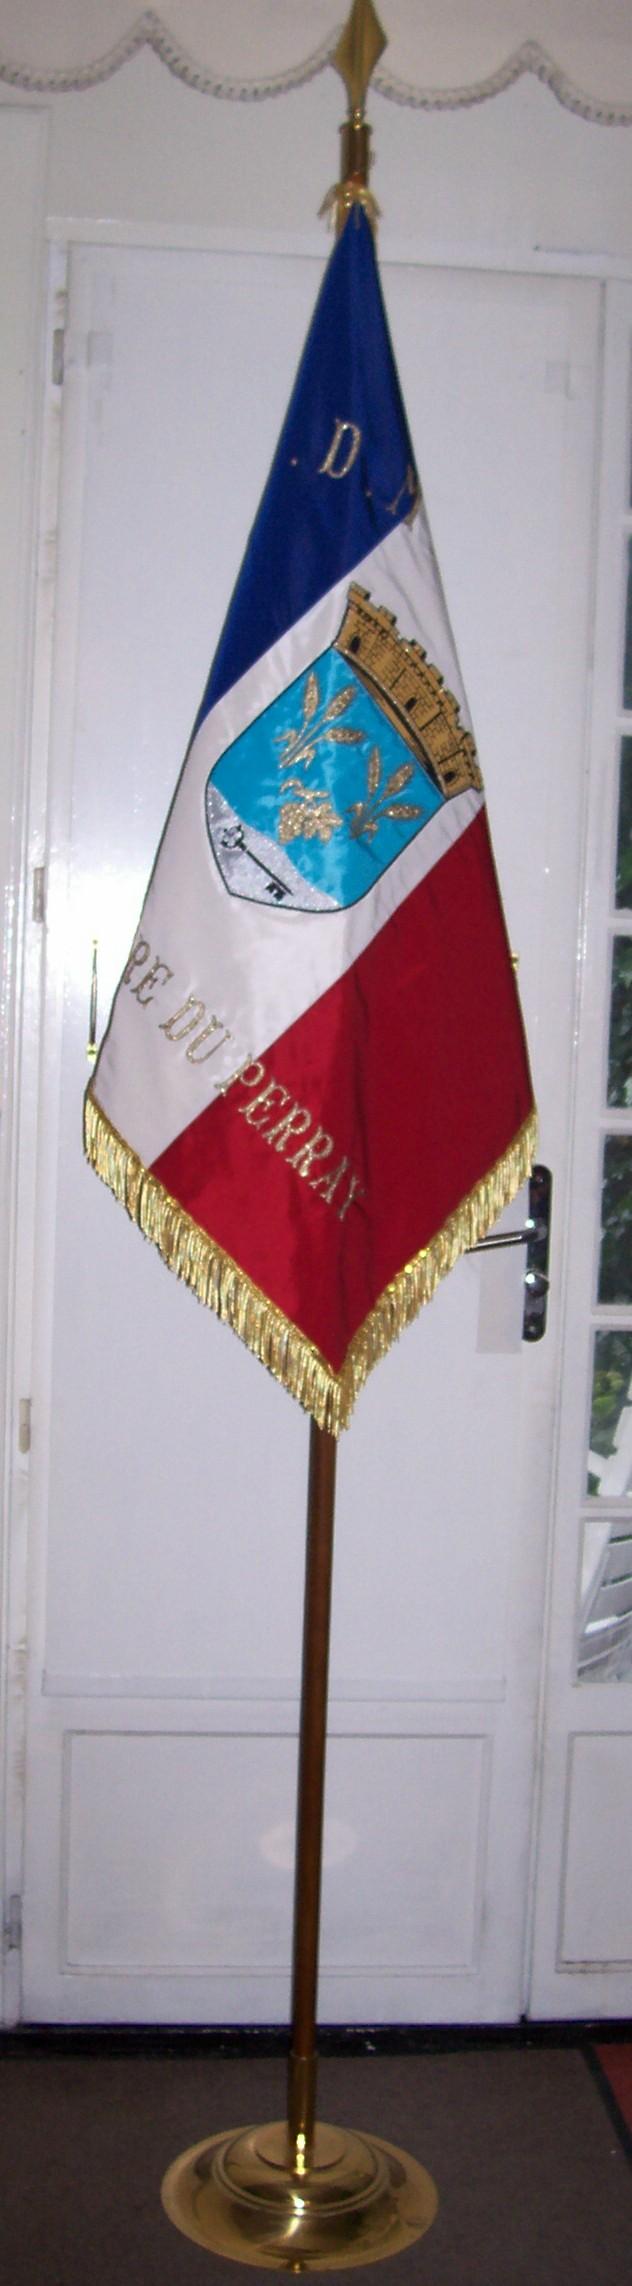 Un drapeau sur socle pour intérieur